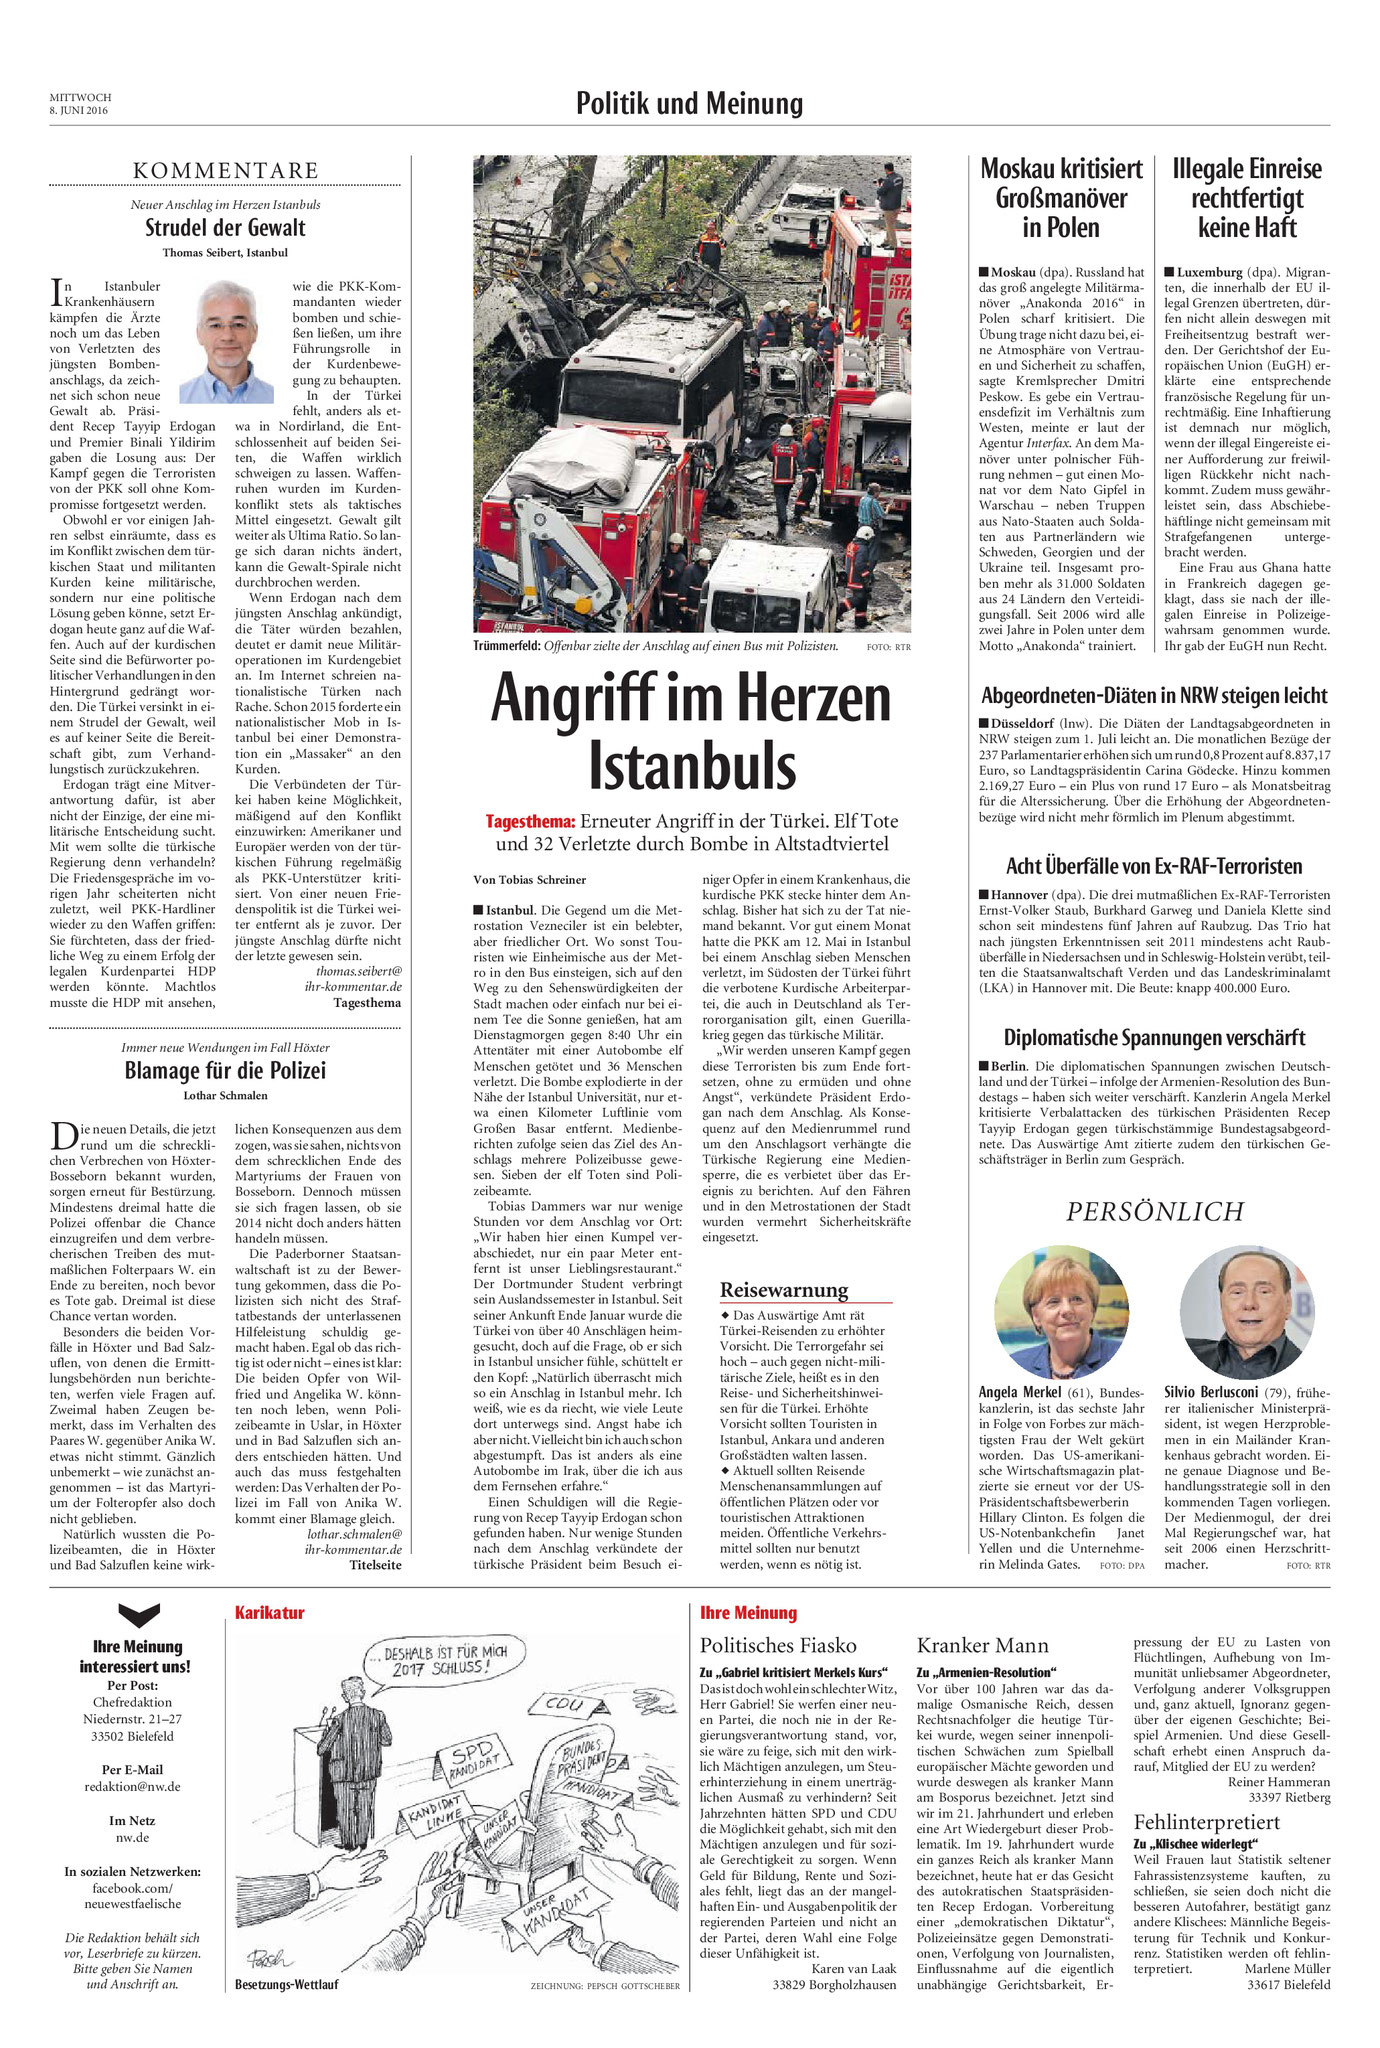 Neue Westfälische, [08.06.2016].  Texte und Fotos aus der Neuen Westfälischen sind urheberrechtlich geschützt.  Weiterverwendung nur mit schriftlicher Genehmigung der Redaktion.